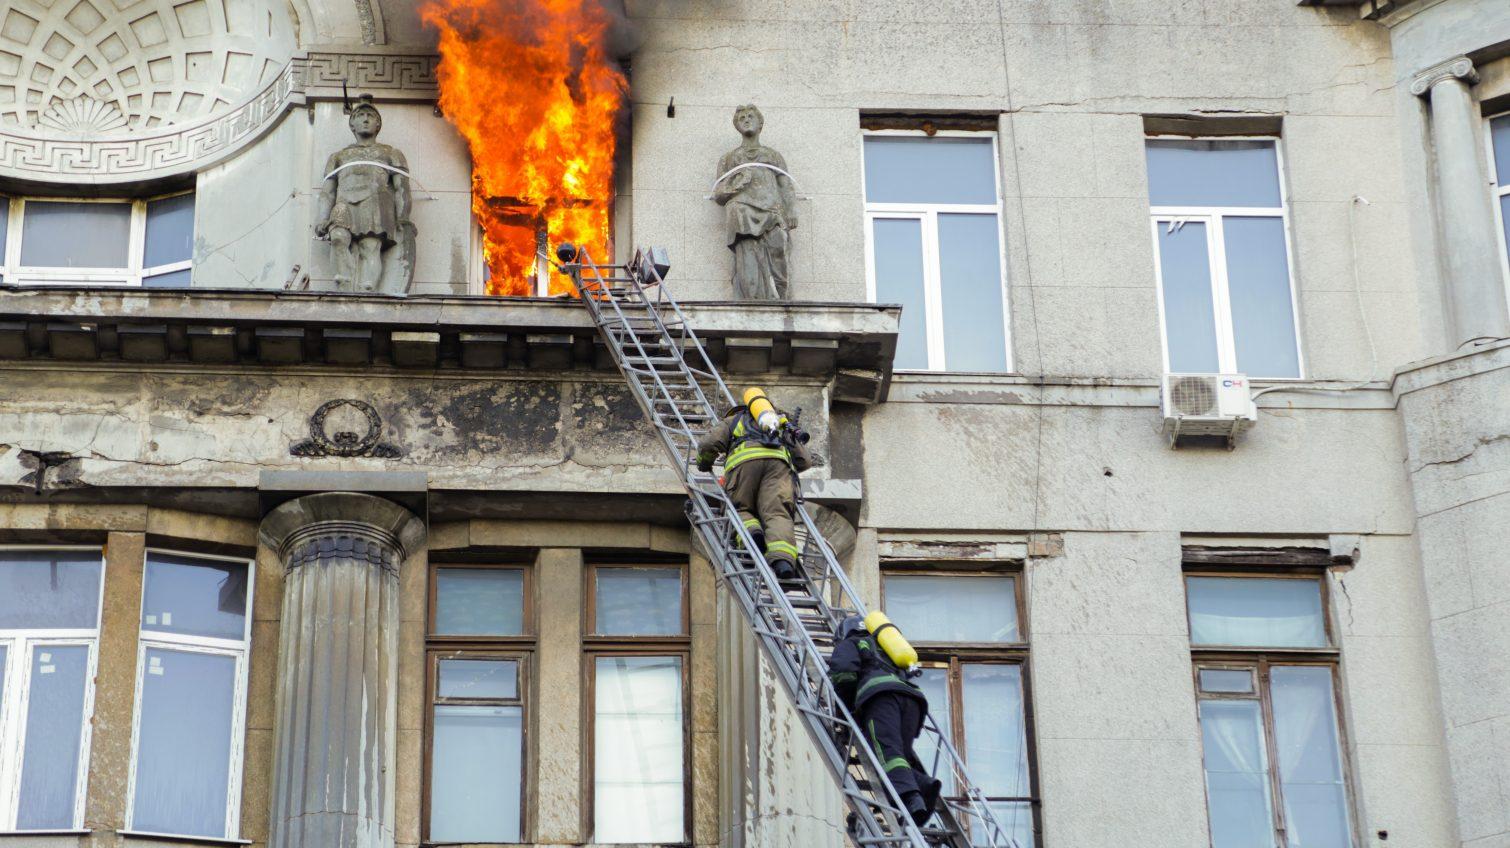 «Волонтеры на Троицкой обеспечили нас так, как за 5 лет не обеспечивало руководство», – пожарный «фото»